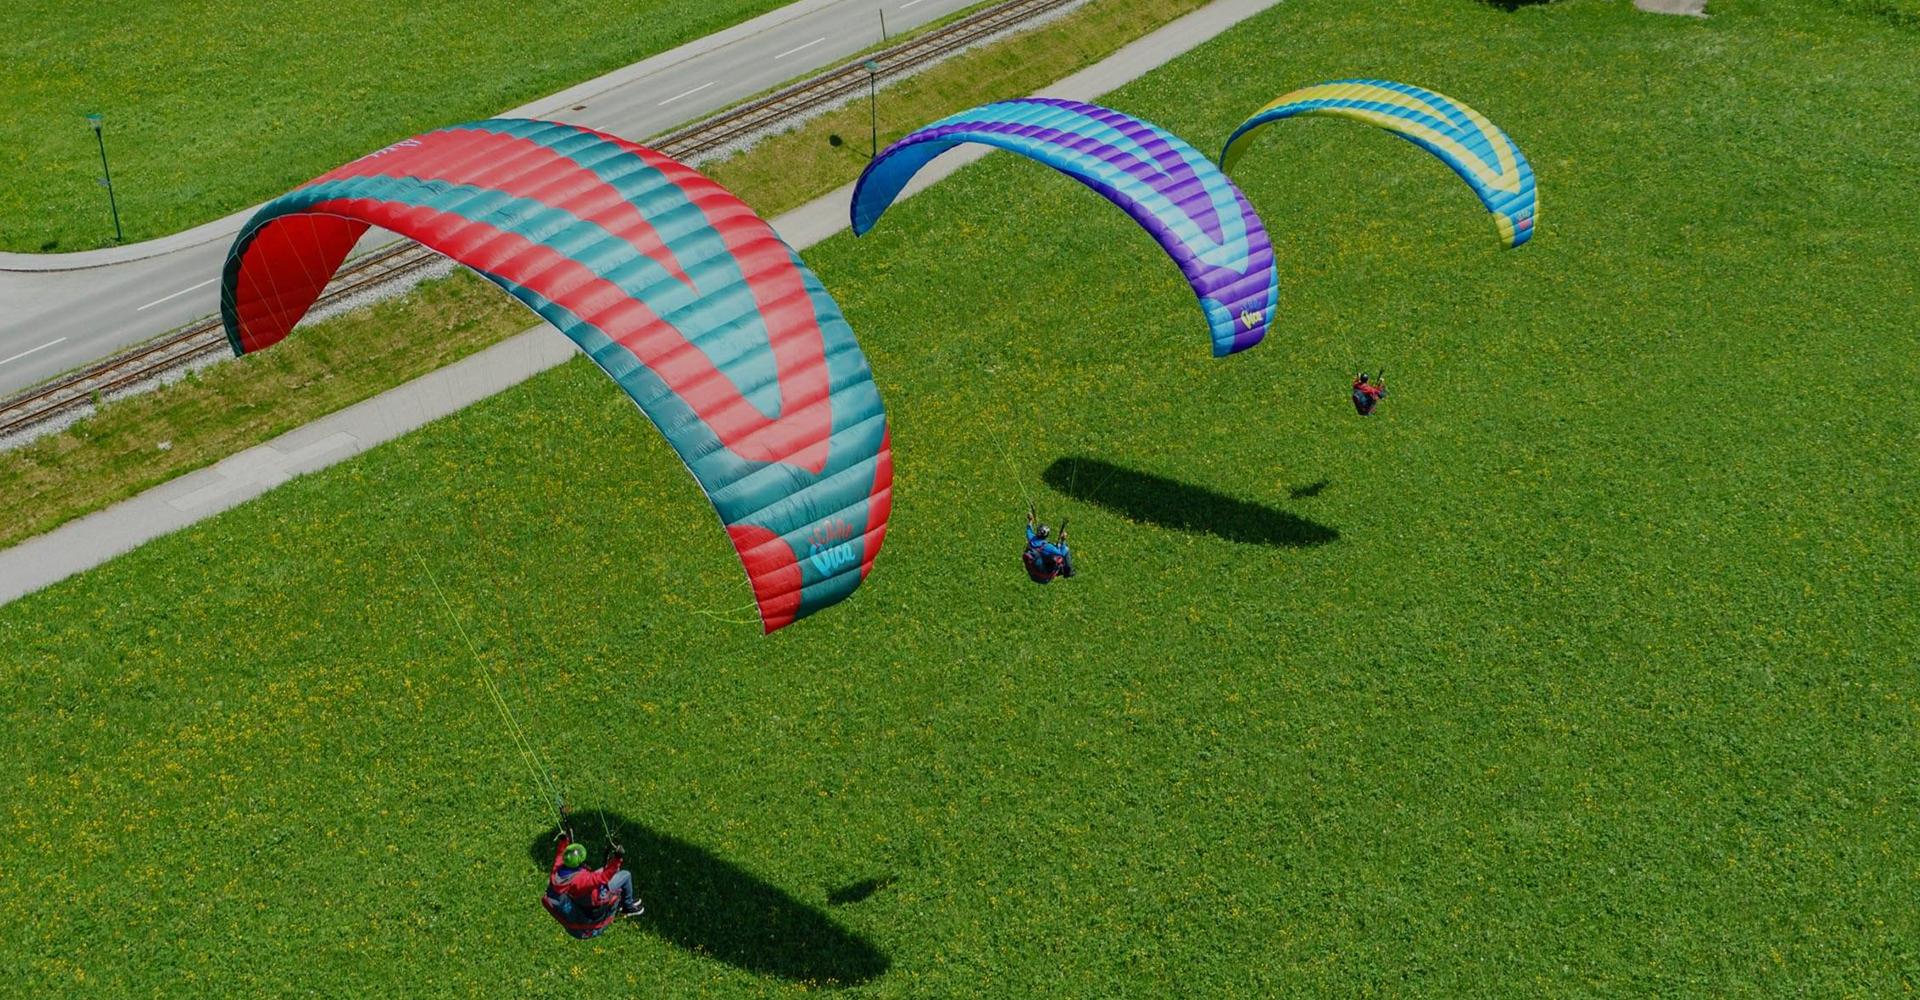 东北滑翔伞